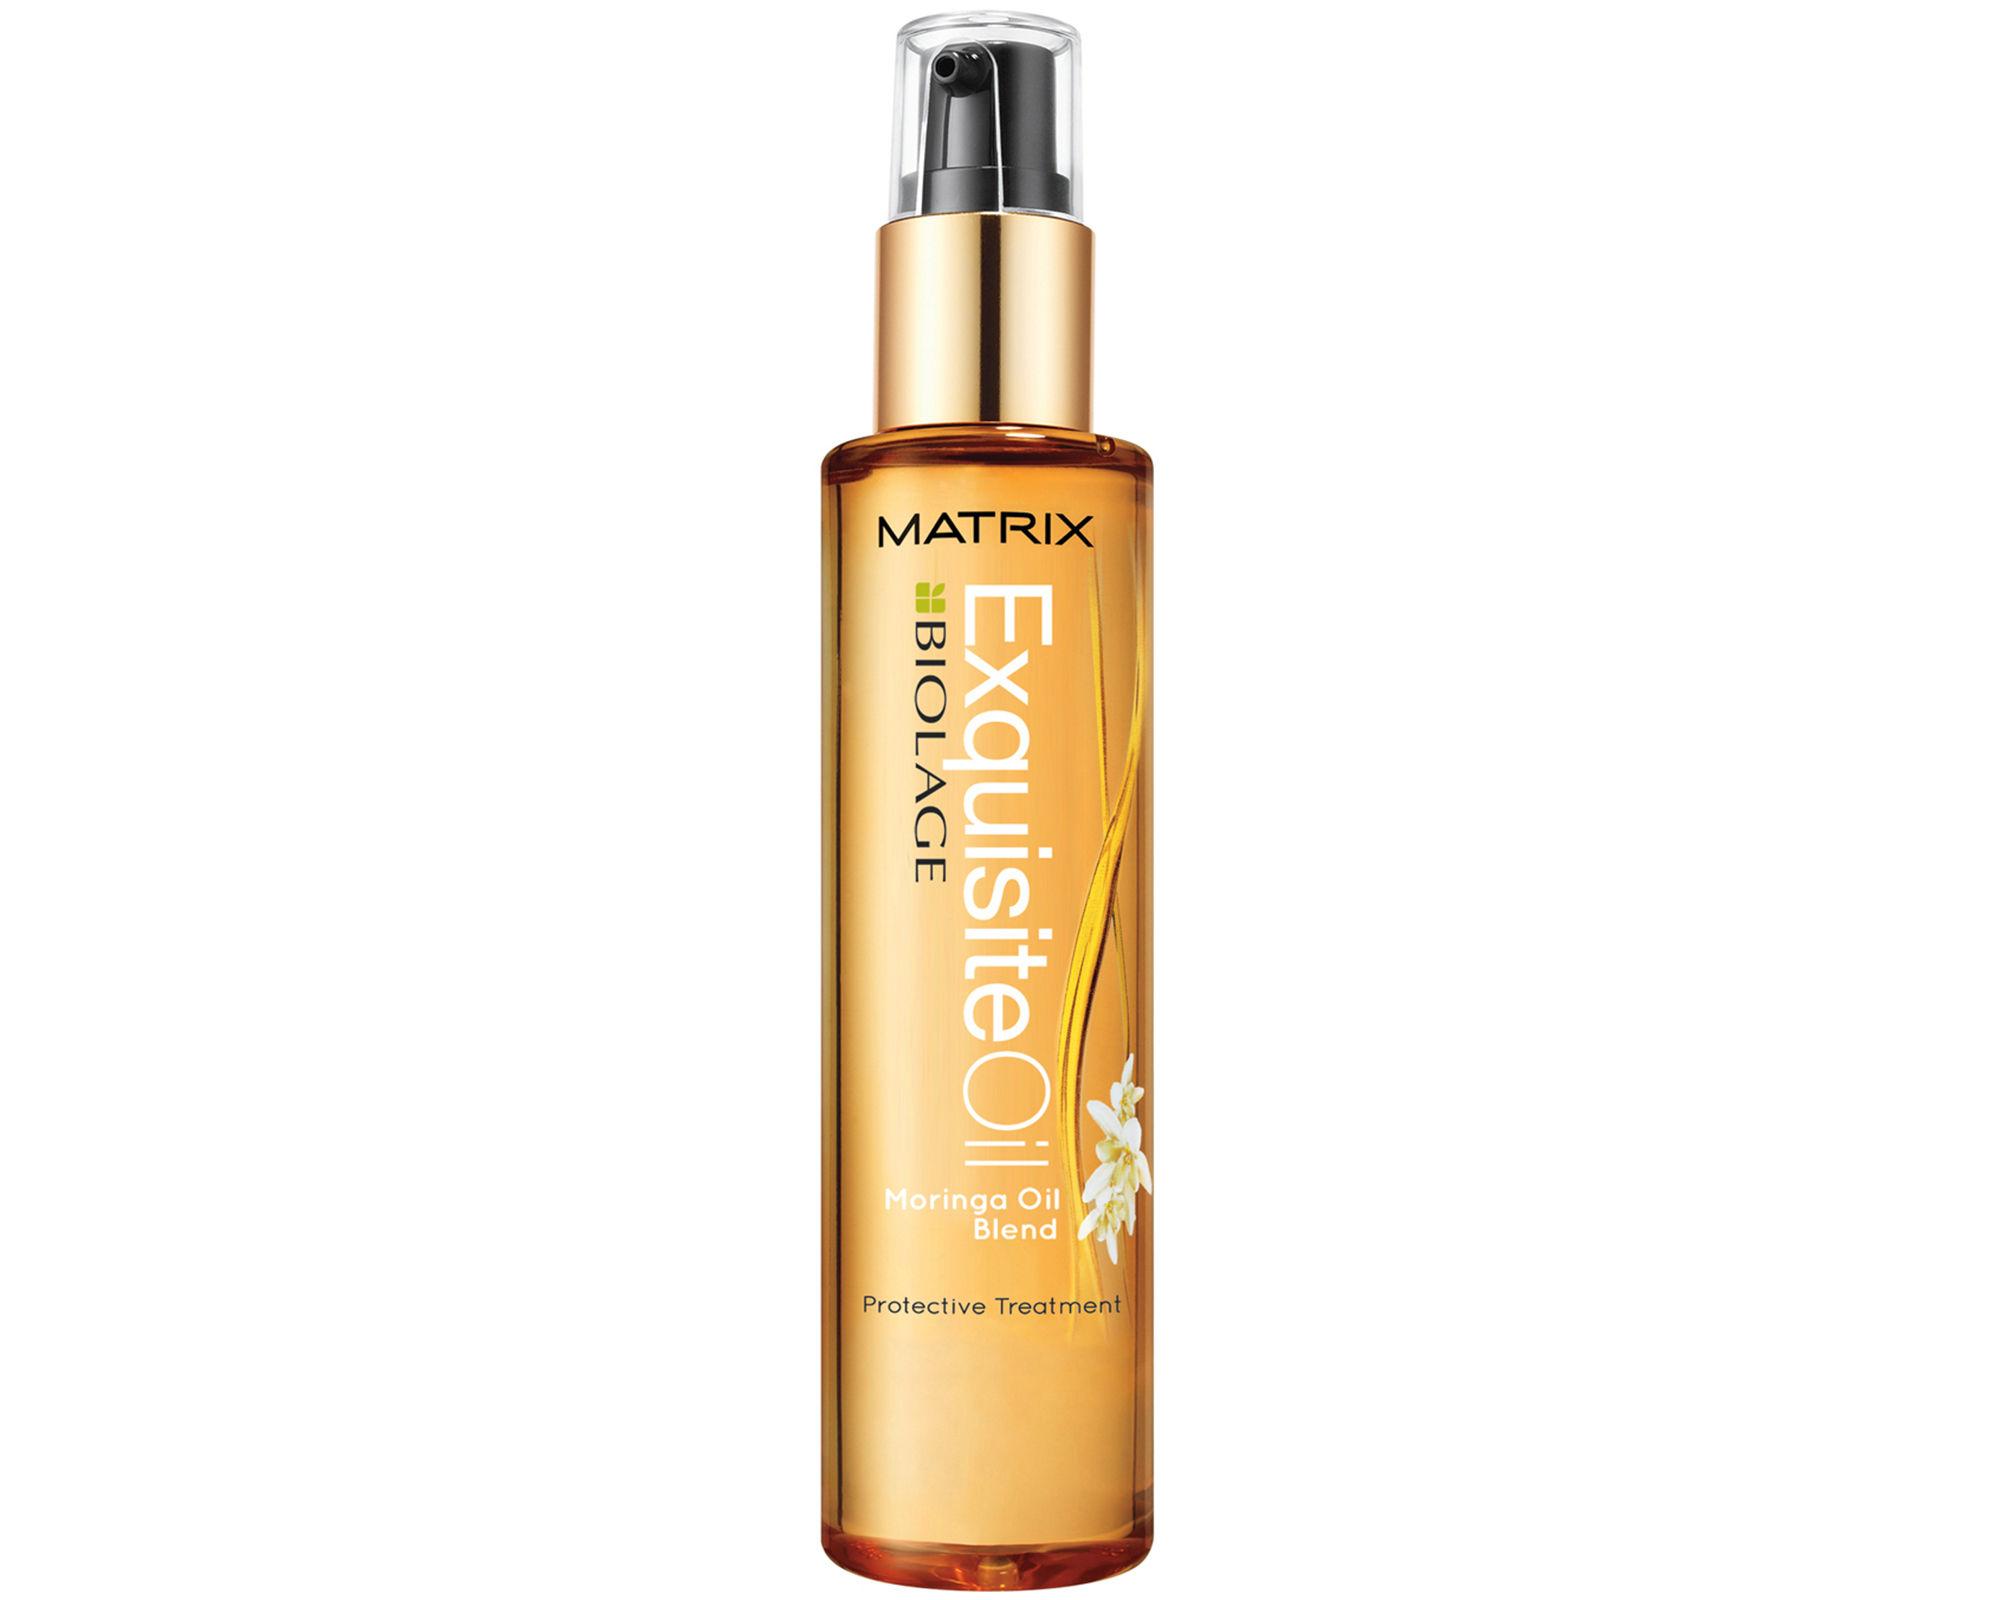 Матрикс биолаж эксквизит ойл масло для всех типов волос отзывы